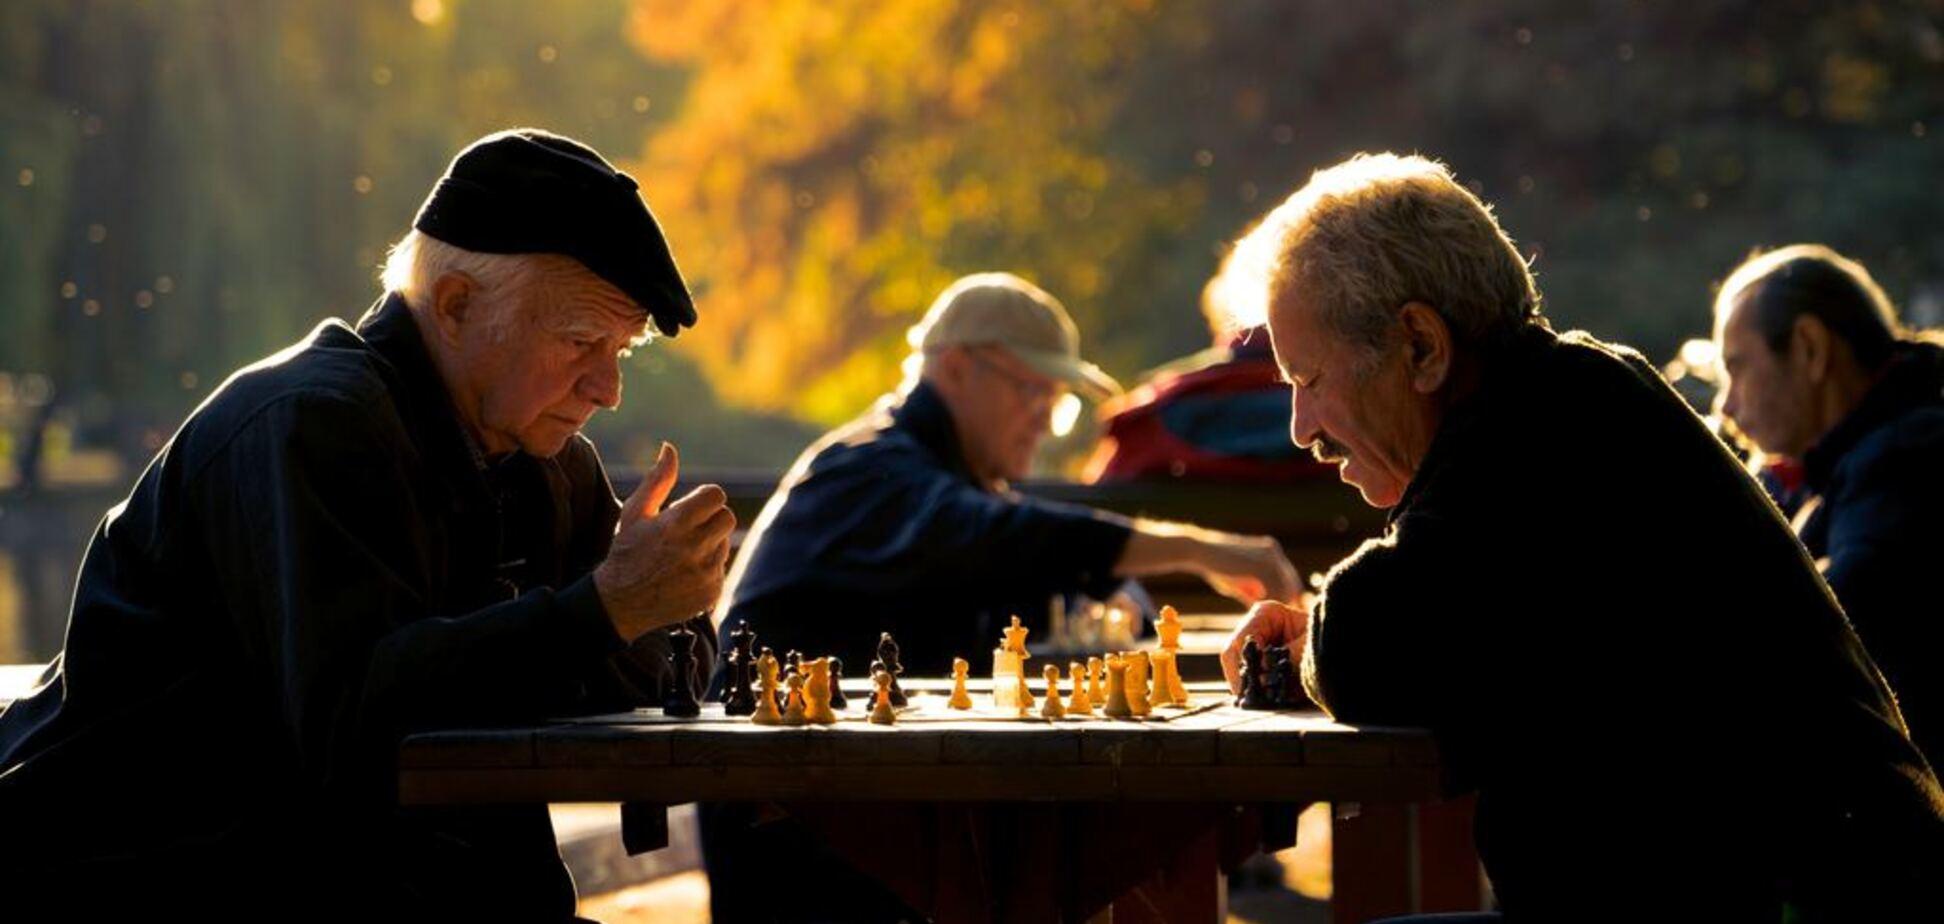 Как помочь пенсионеру: пять реальных способов